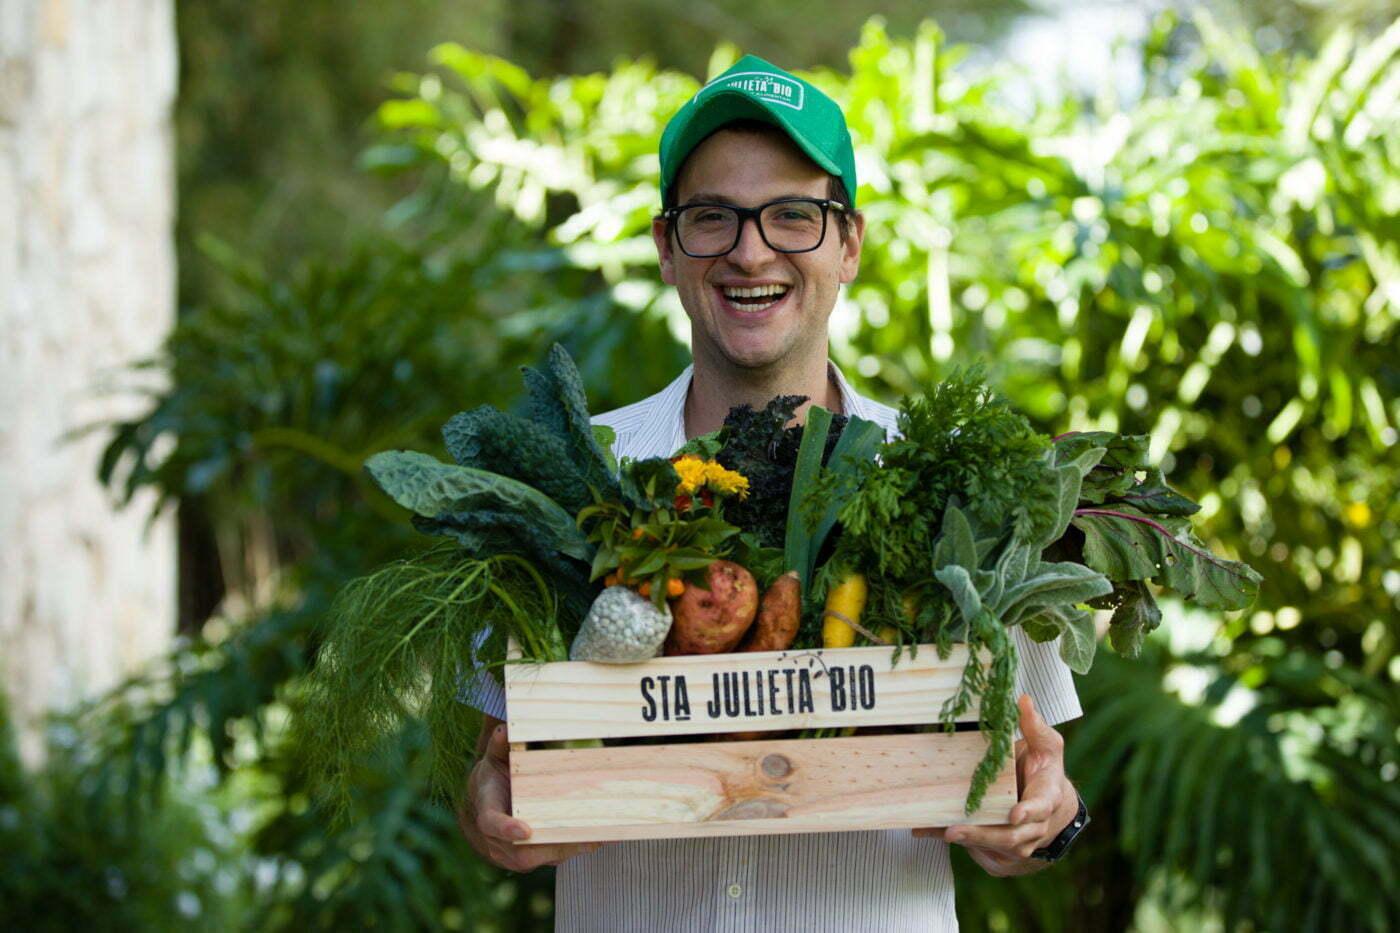 Rafael Coimbra fala como largou uma agência de publicidade para produzir cestas de alimentos livres de agrotóxicos em um sistema colaborativo e com compradores conscientes do propósito do negócio.